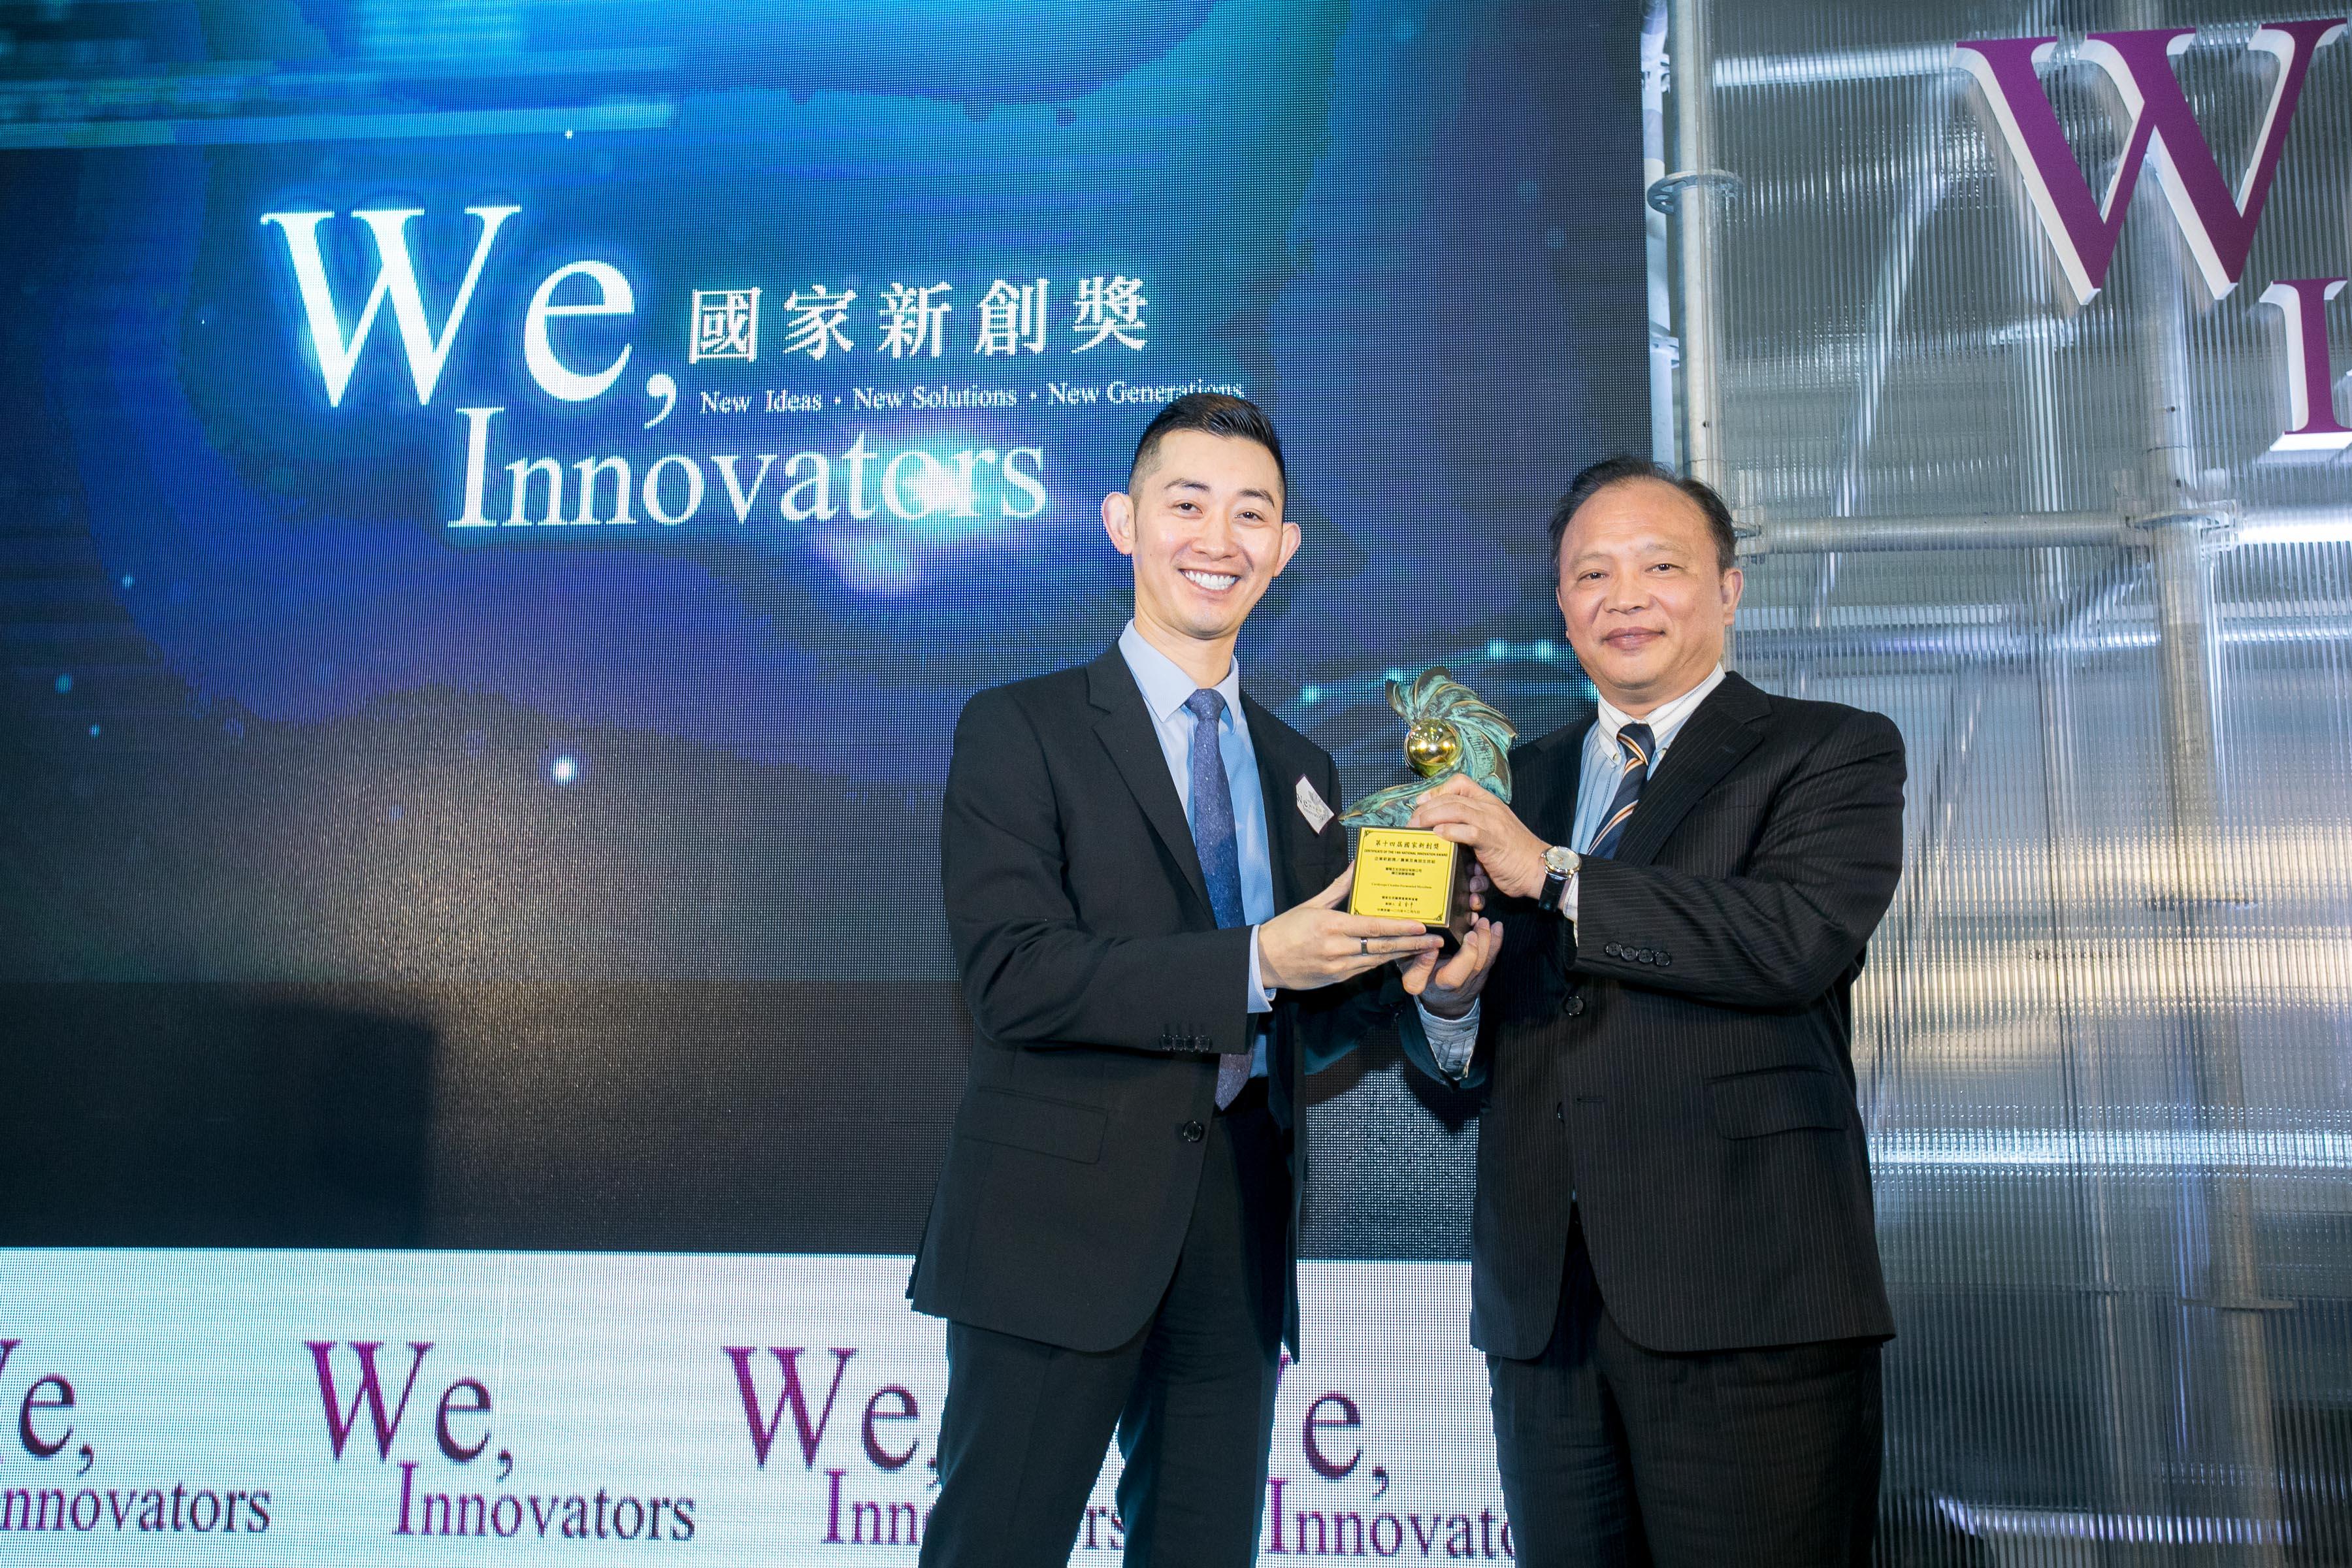 企業新創 健康及智慧科技組獲獎